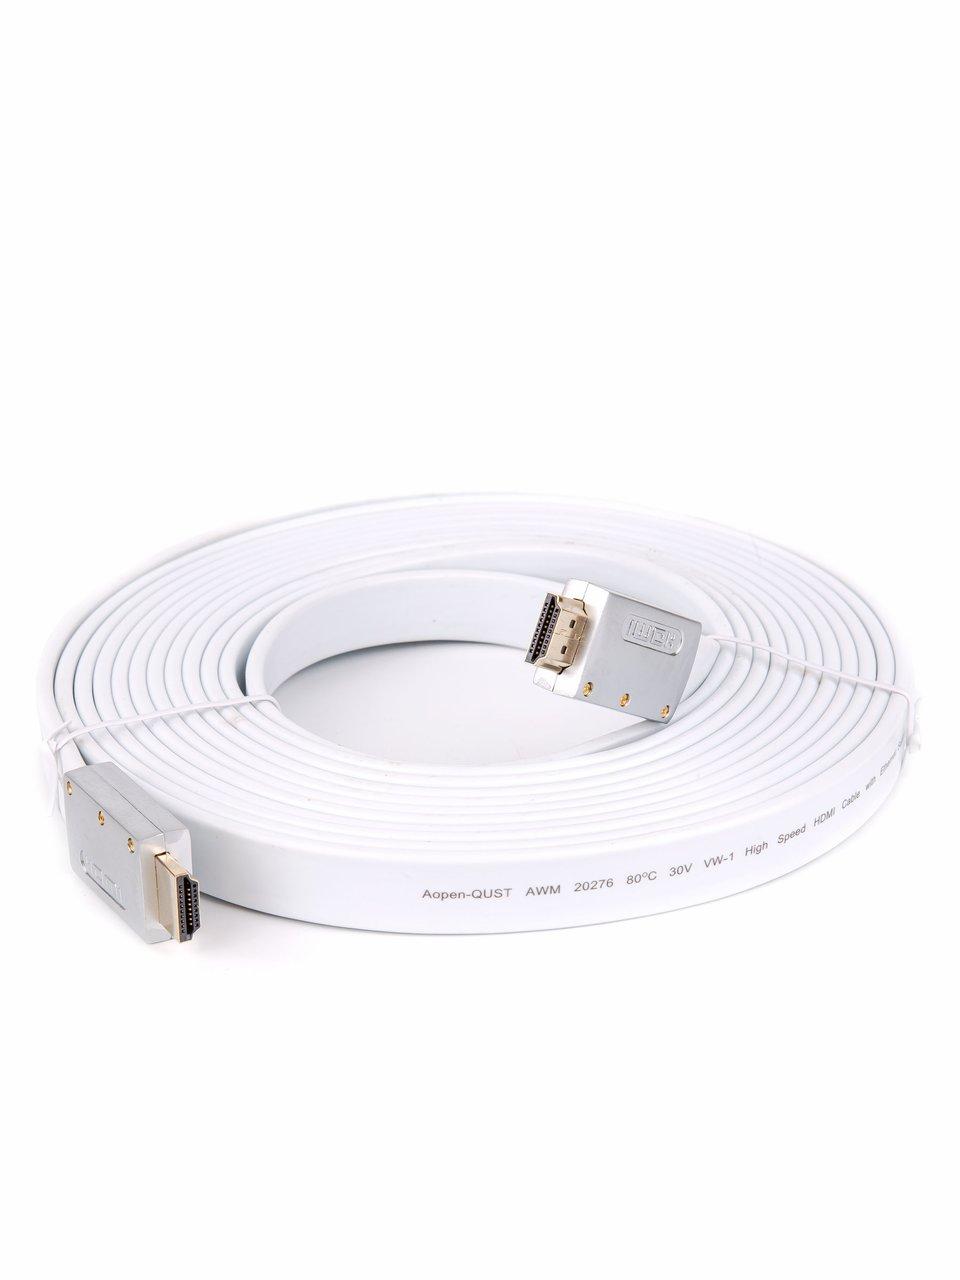 Фото - Кабель HDMI AOpen ACG568F-S-5M, ver 2.0, 5 м, серебряно-белый Flat кеды мужские vans ua sk8 mid цвет белый va3wm3vp3 размер 9 5 43